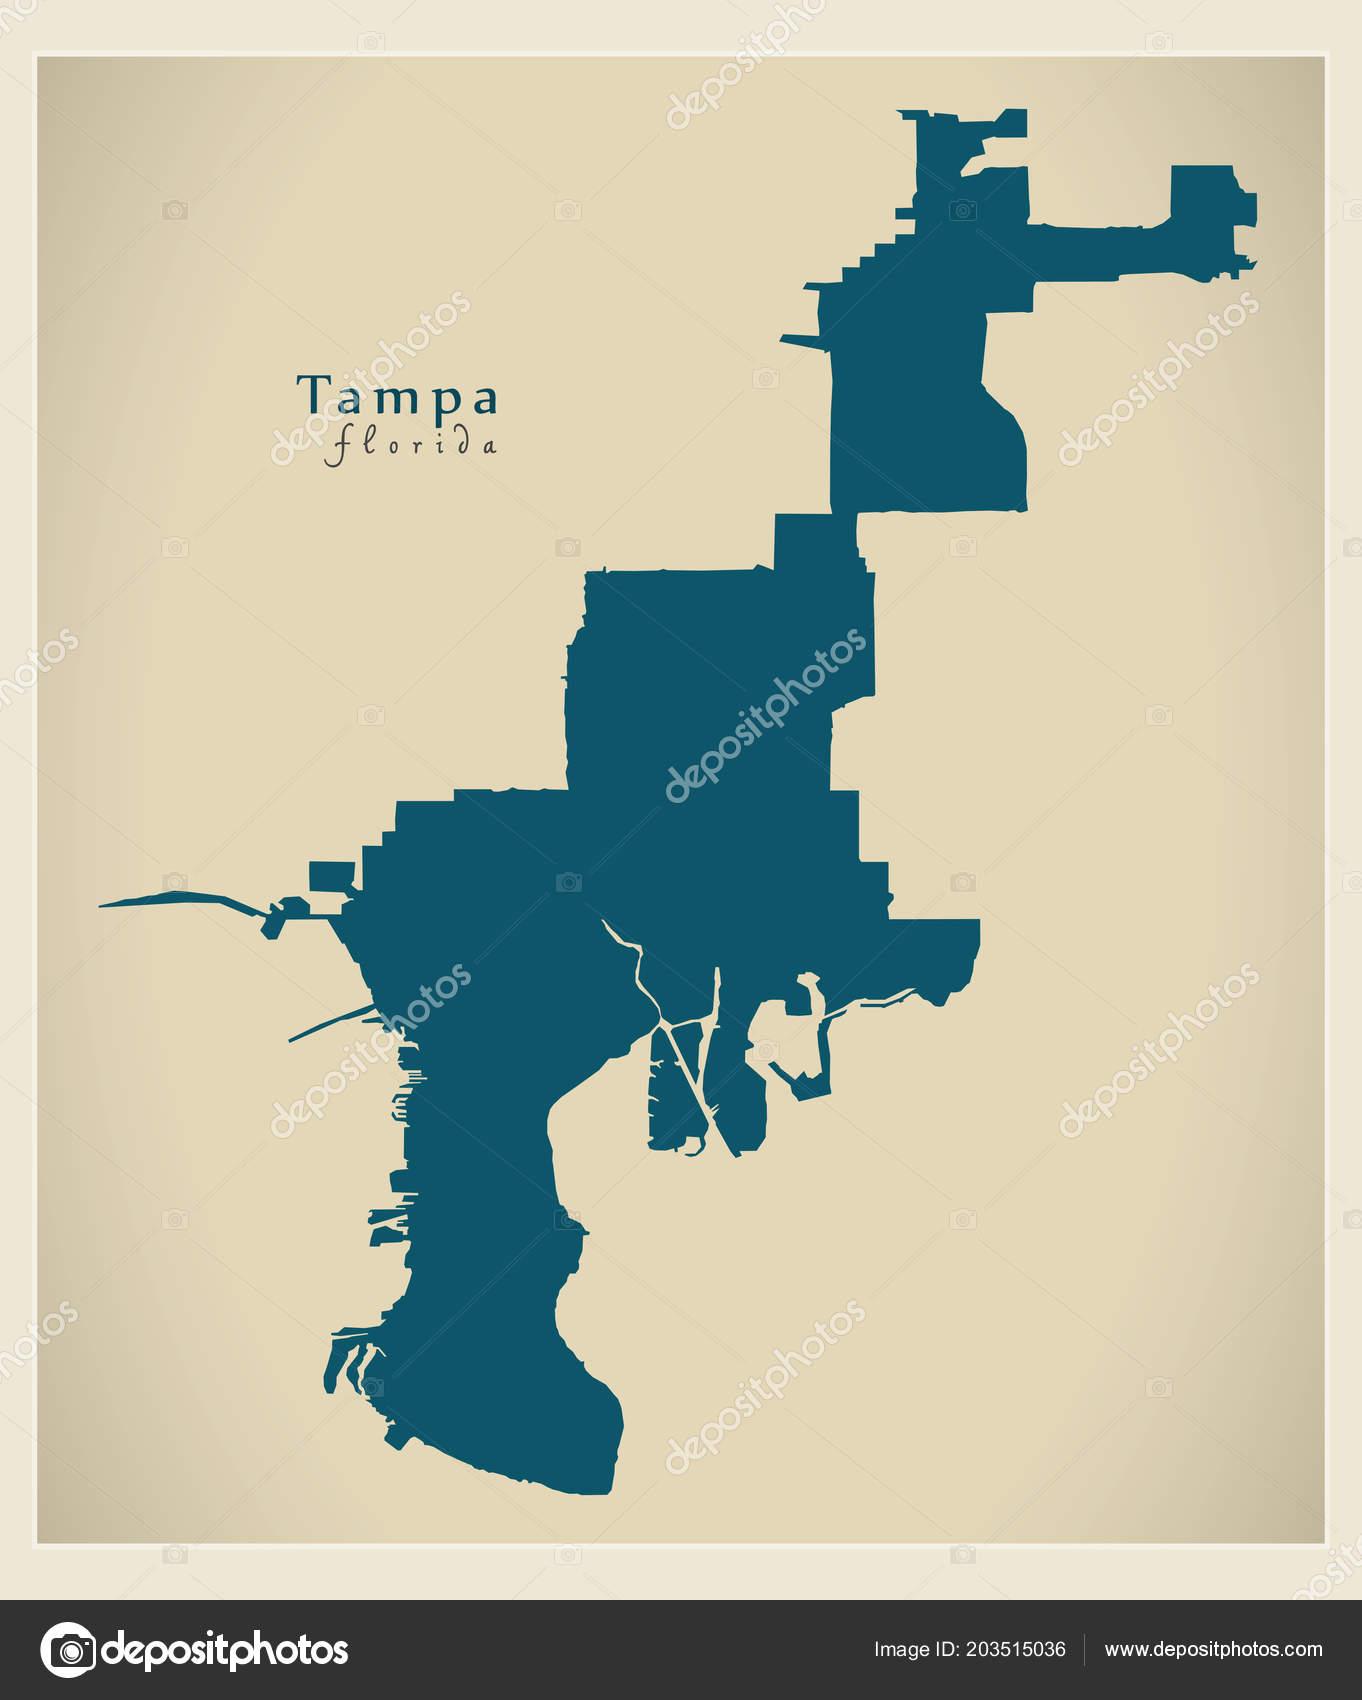 Map Tampa Florida.Modern City Map Tampa Florida City Usa Stock Vector C Ingomenhard